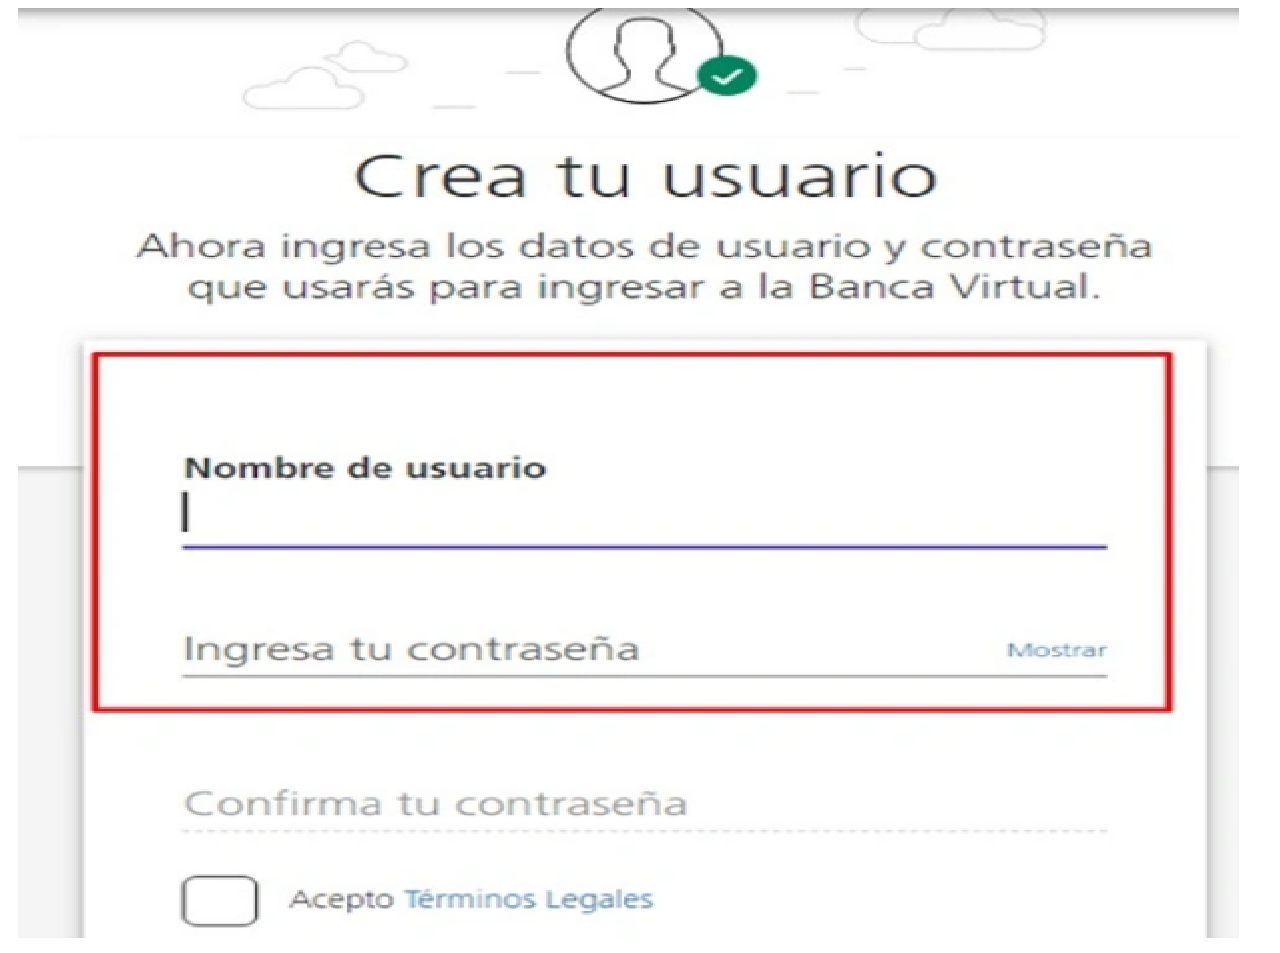 Colpatria banca virtual: ¿Cómo registrarse? Paso 5